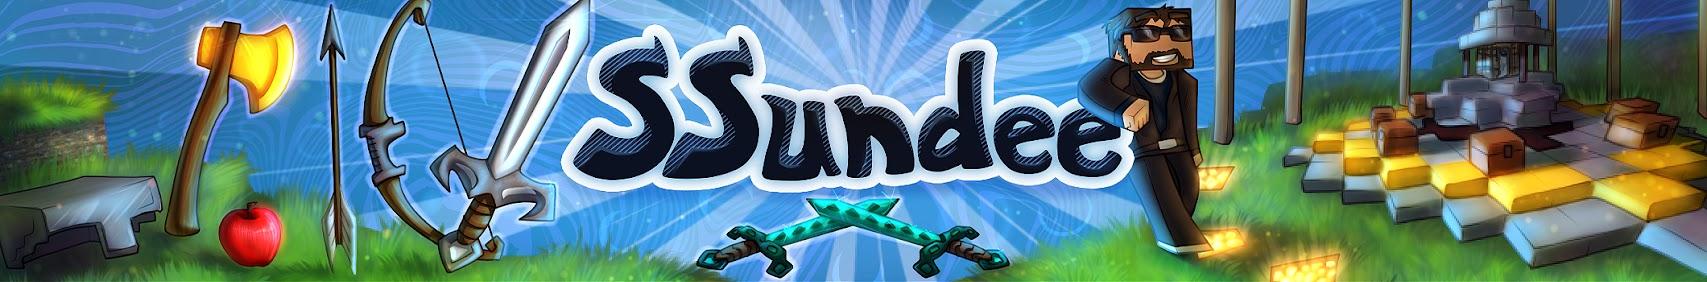 SSundee